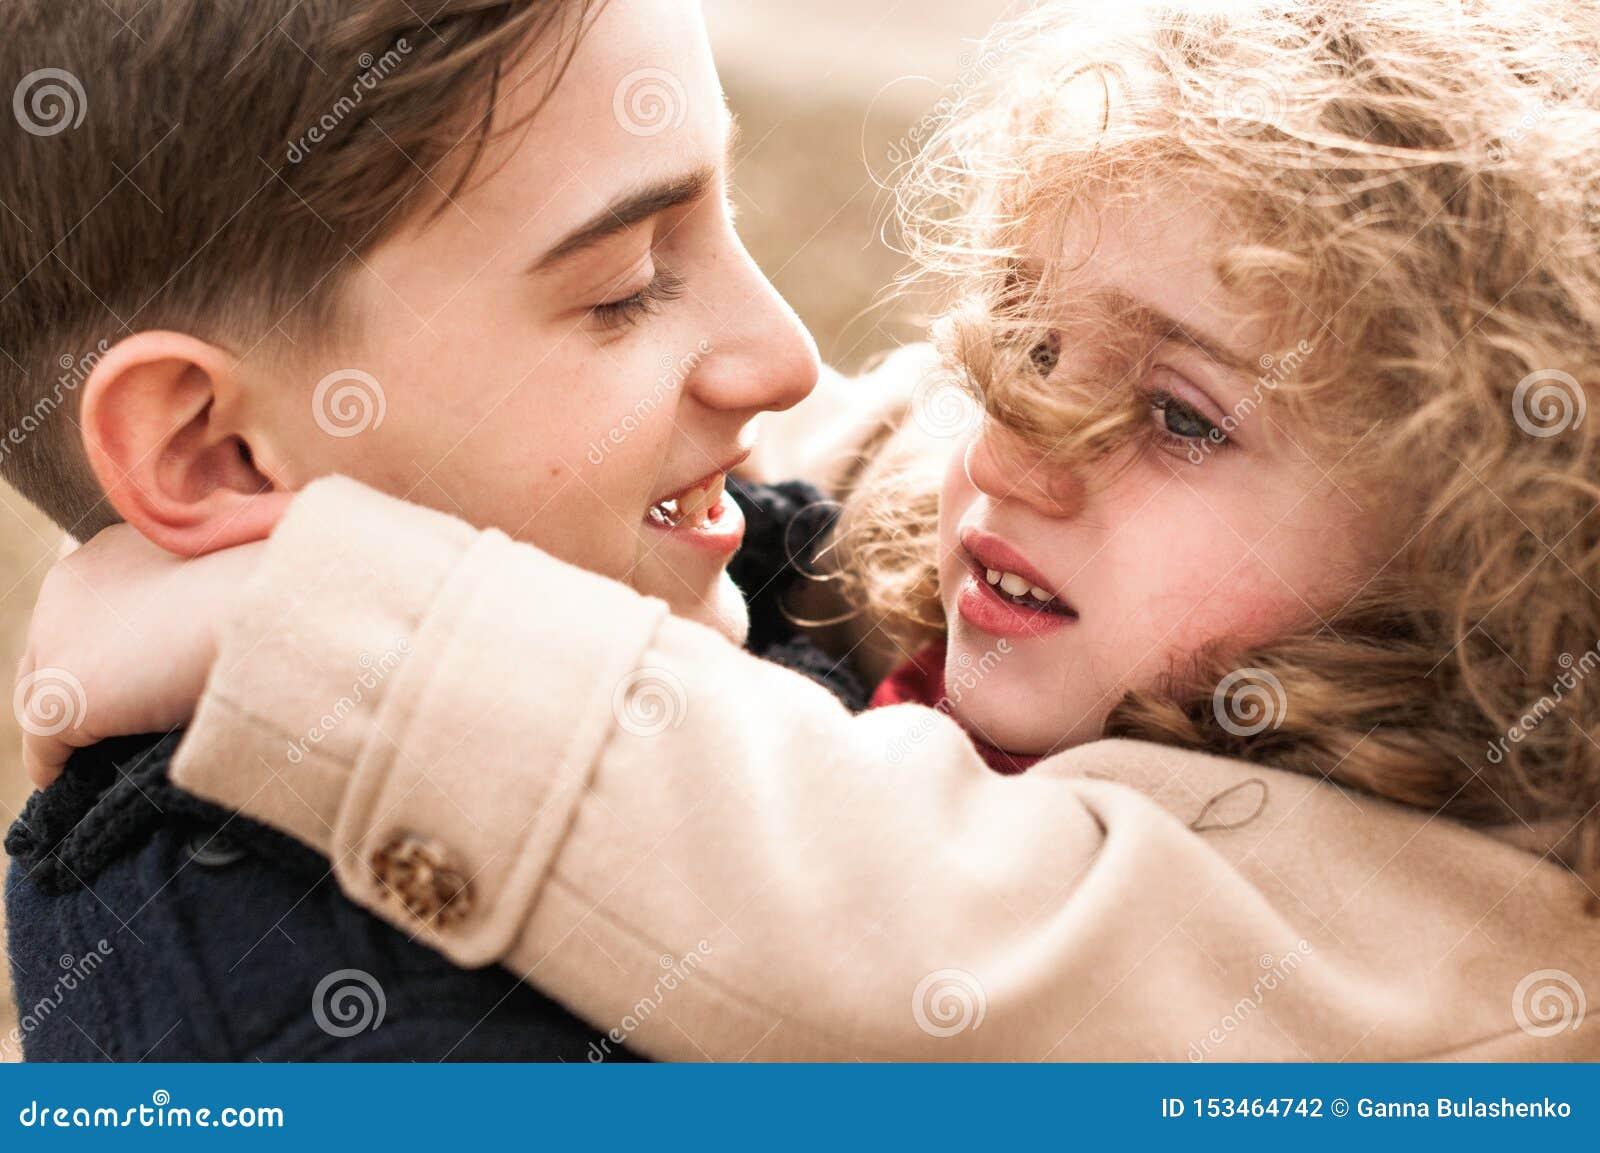 Ritratto di un fratello e di una sorella che si abbracciano